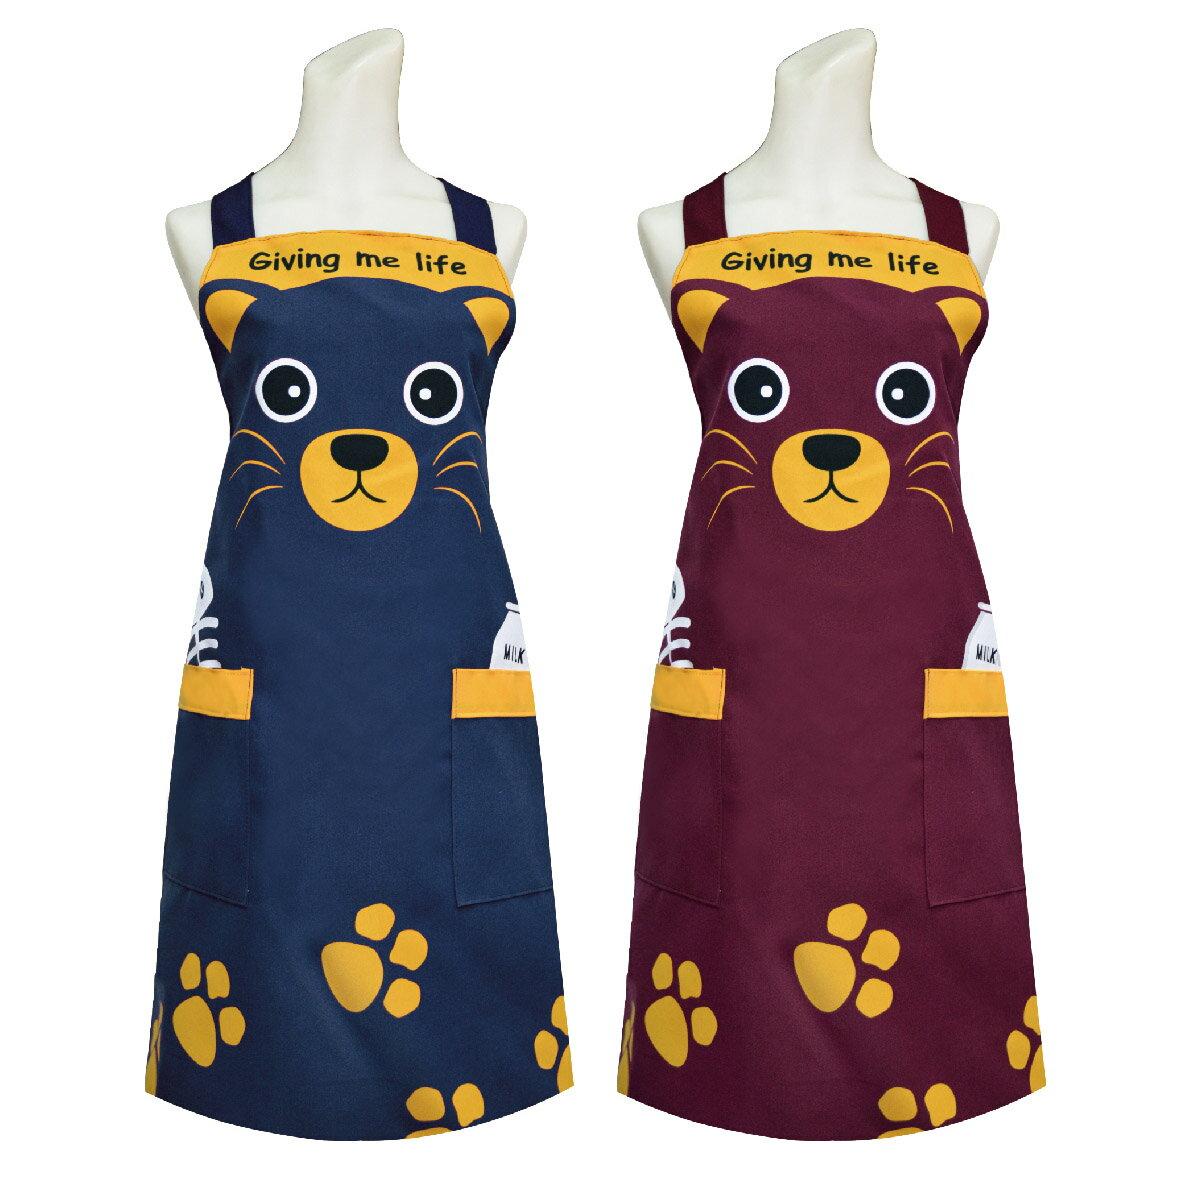 可愛貓頭圍裙 TT520餐飲業 保母 幼兒園 廚房 咖啡店 活動制服圍裙